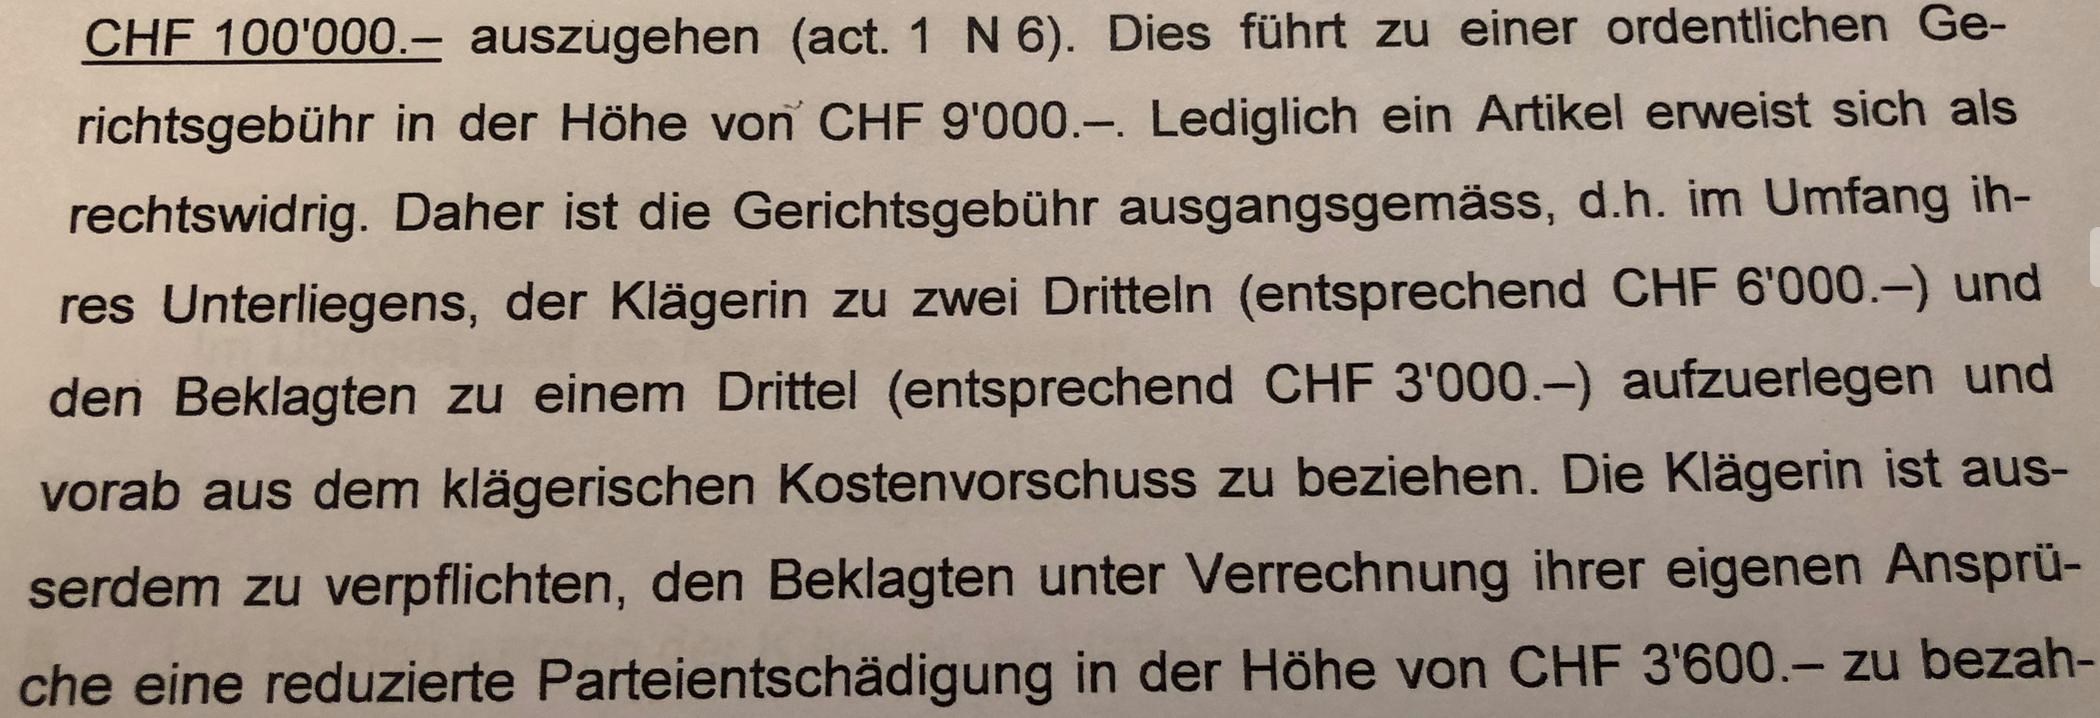 Charmant Setzt Wortvorlagen Fort Bilder - Beispiel Business ...